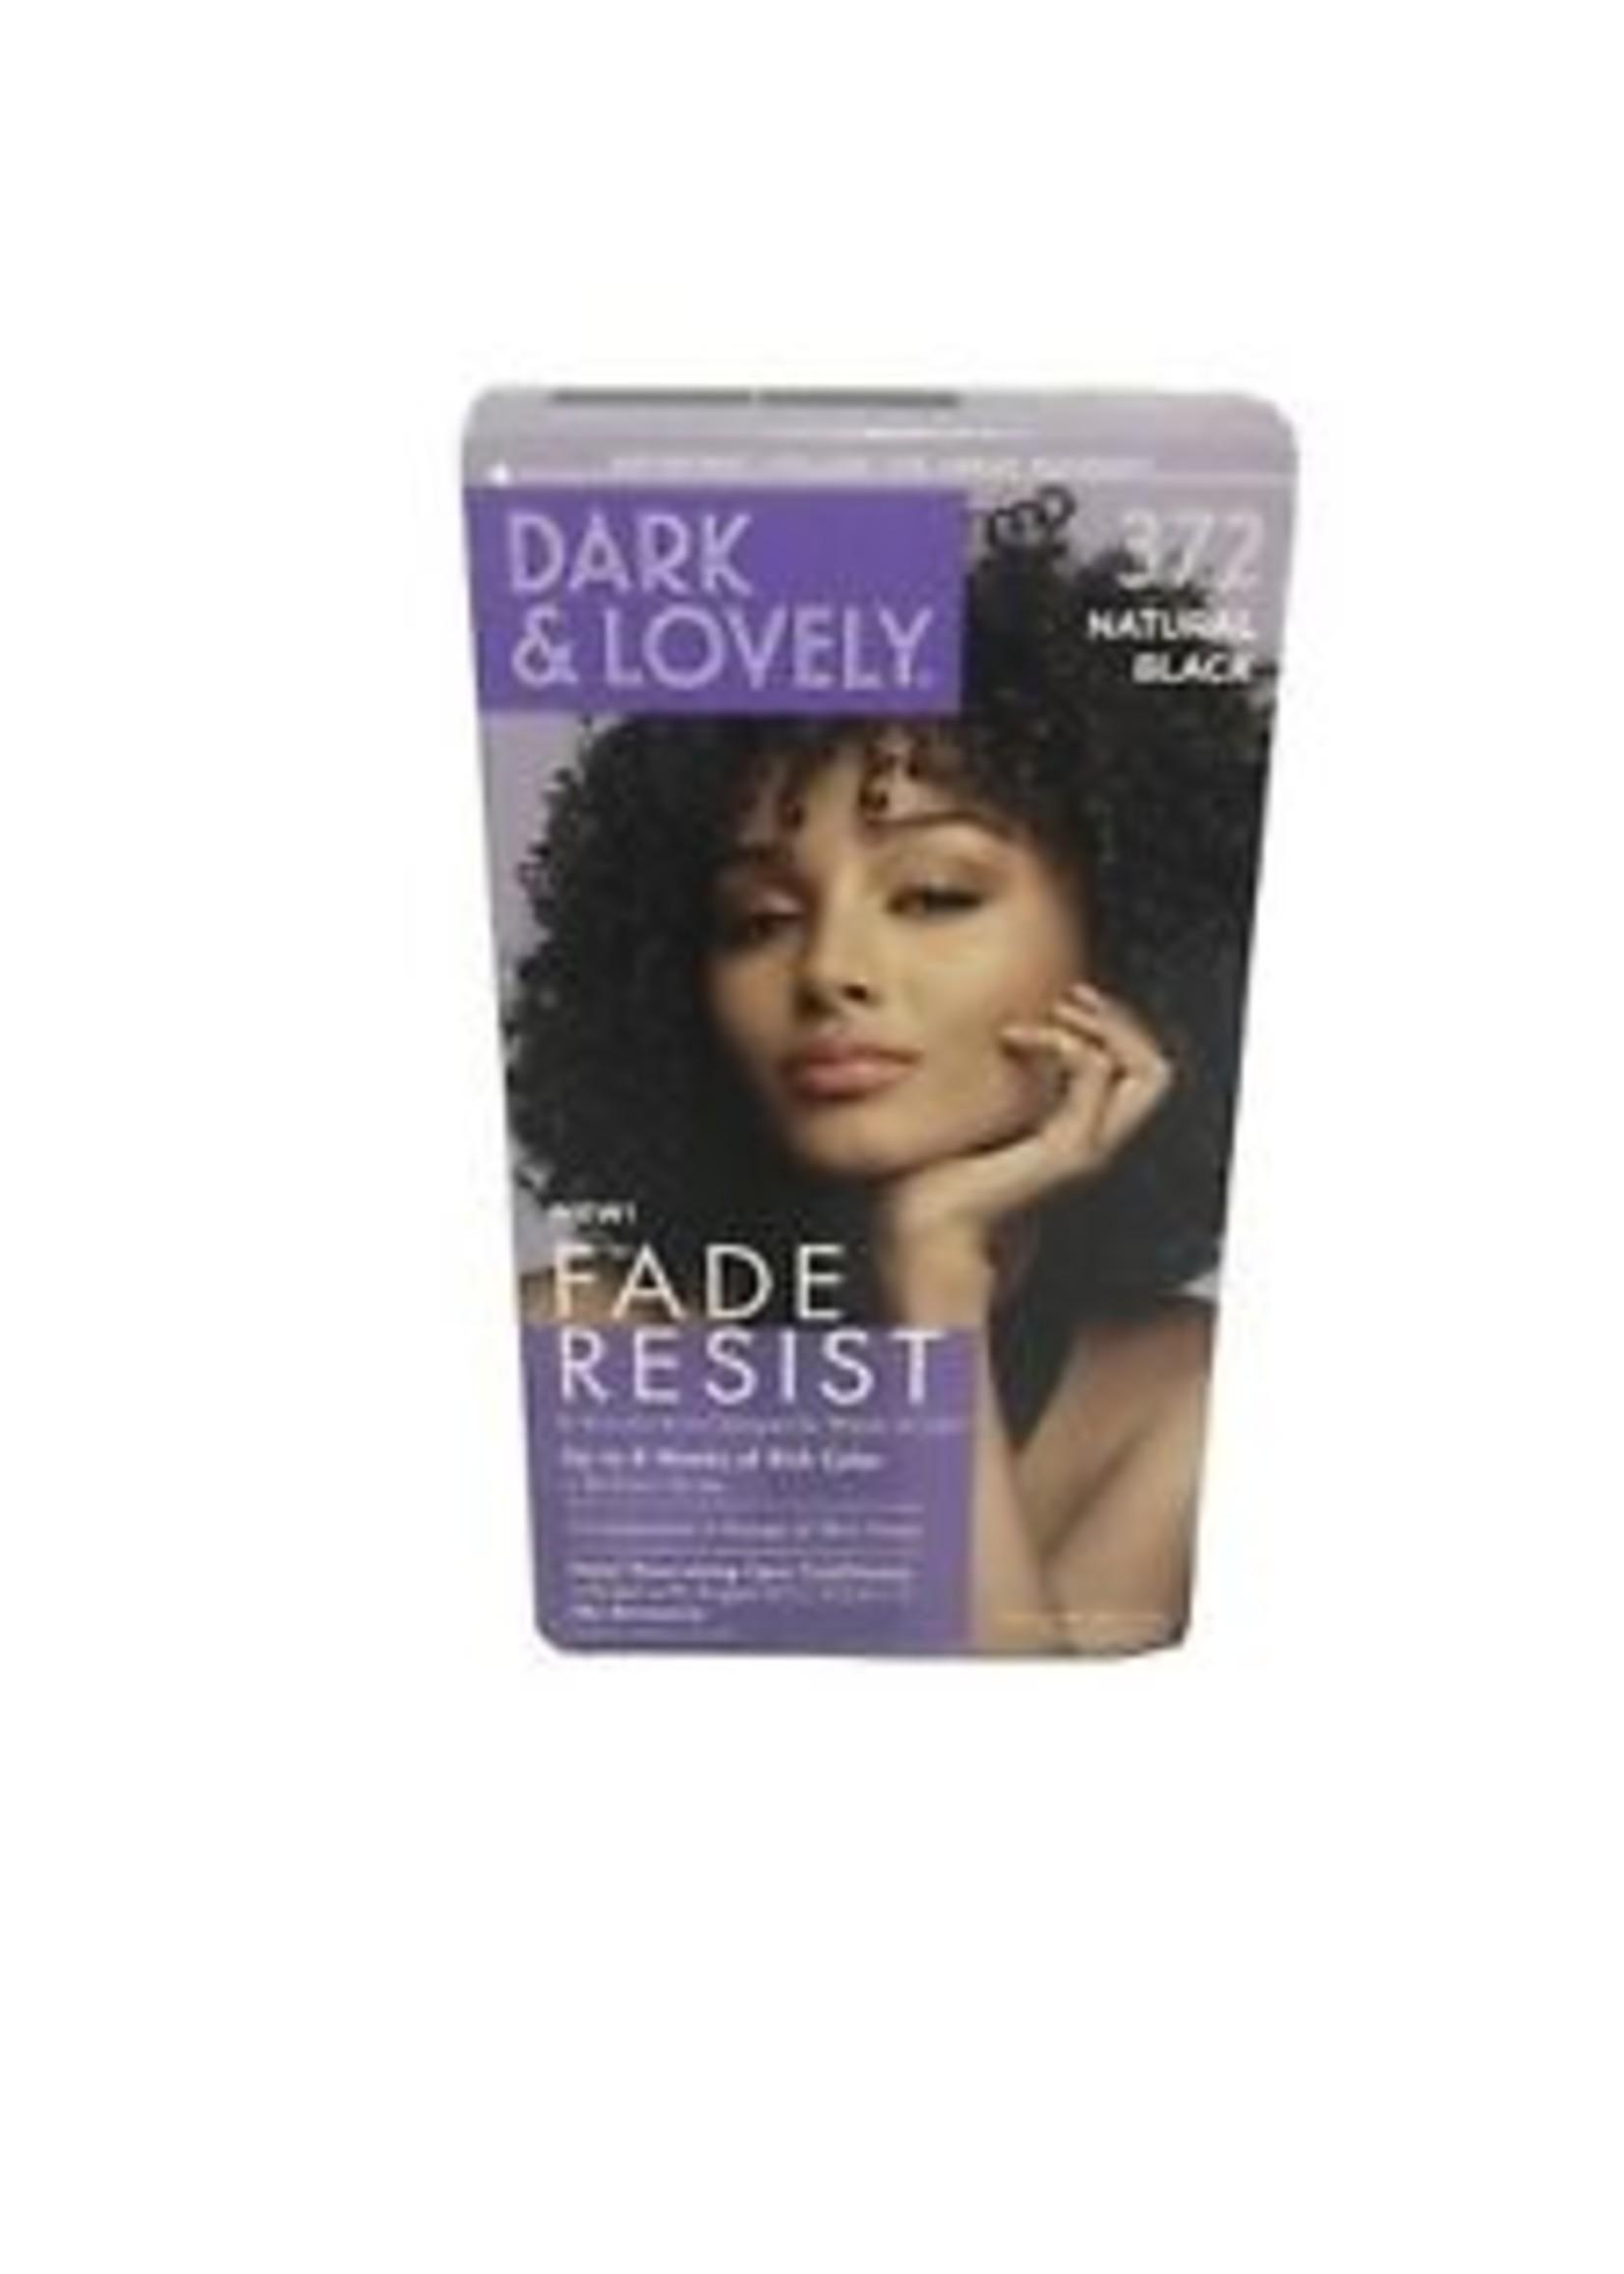 Dark & Lovely Fade Resist